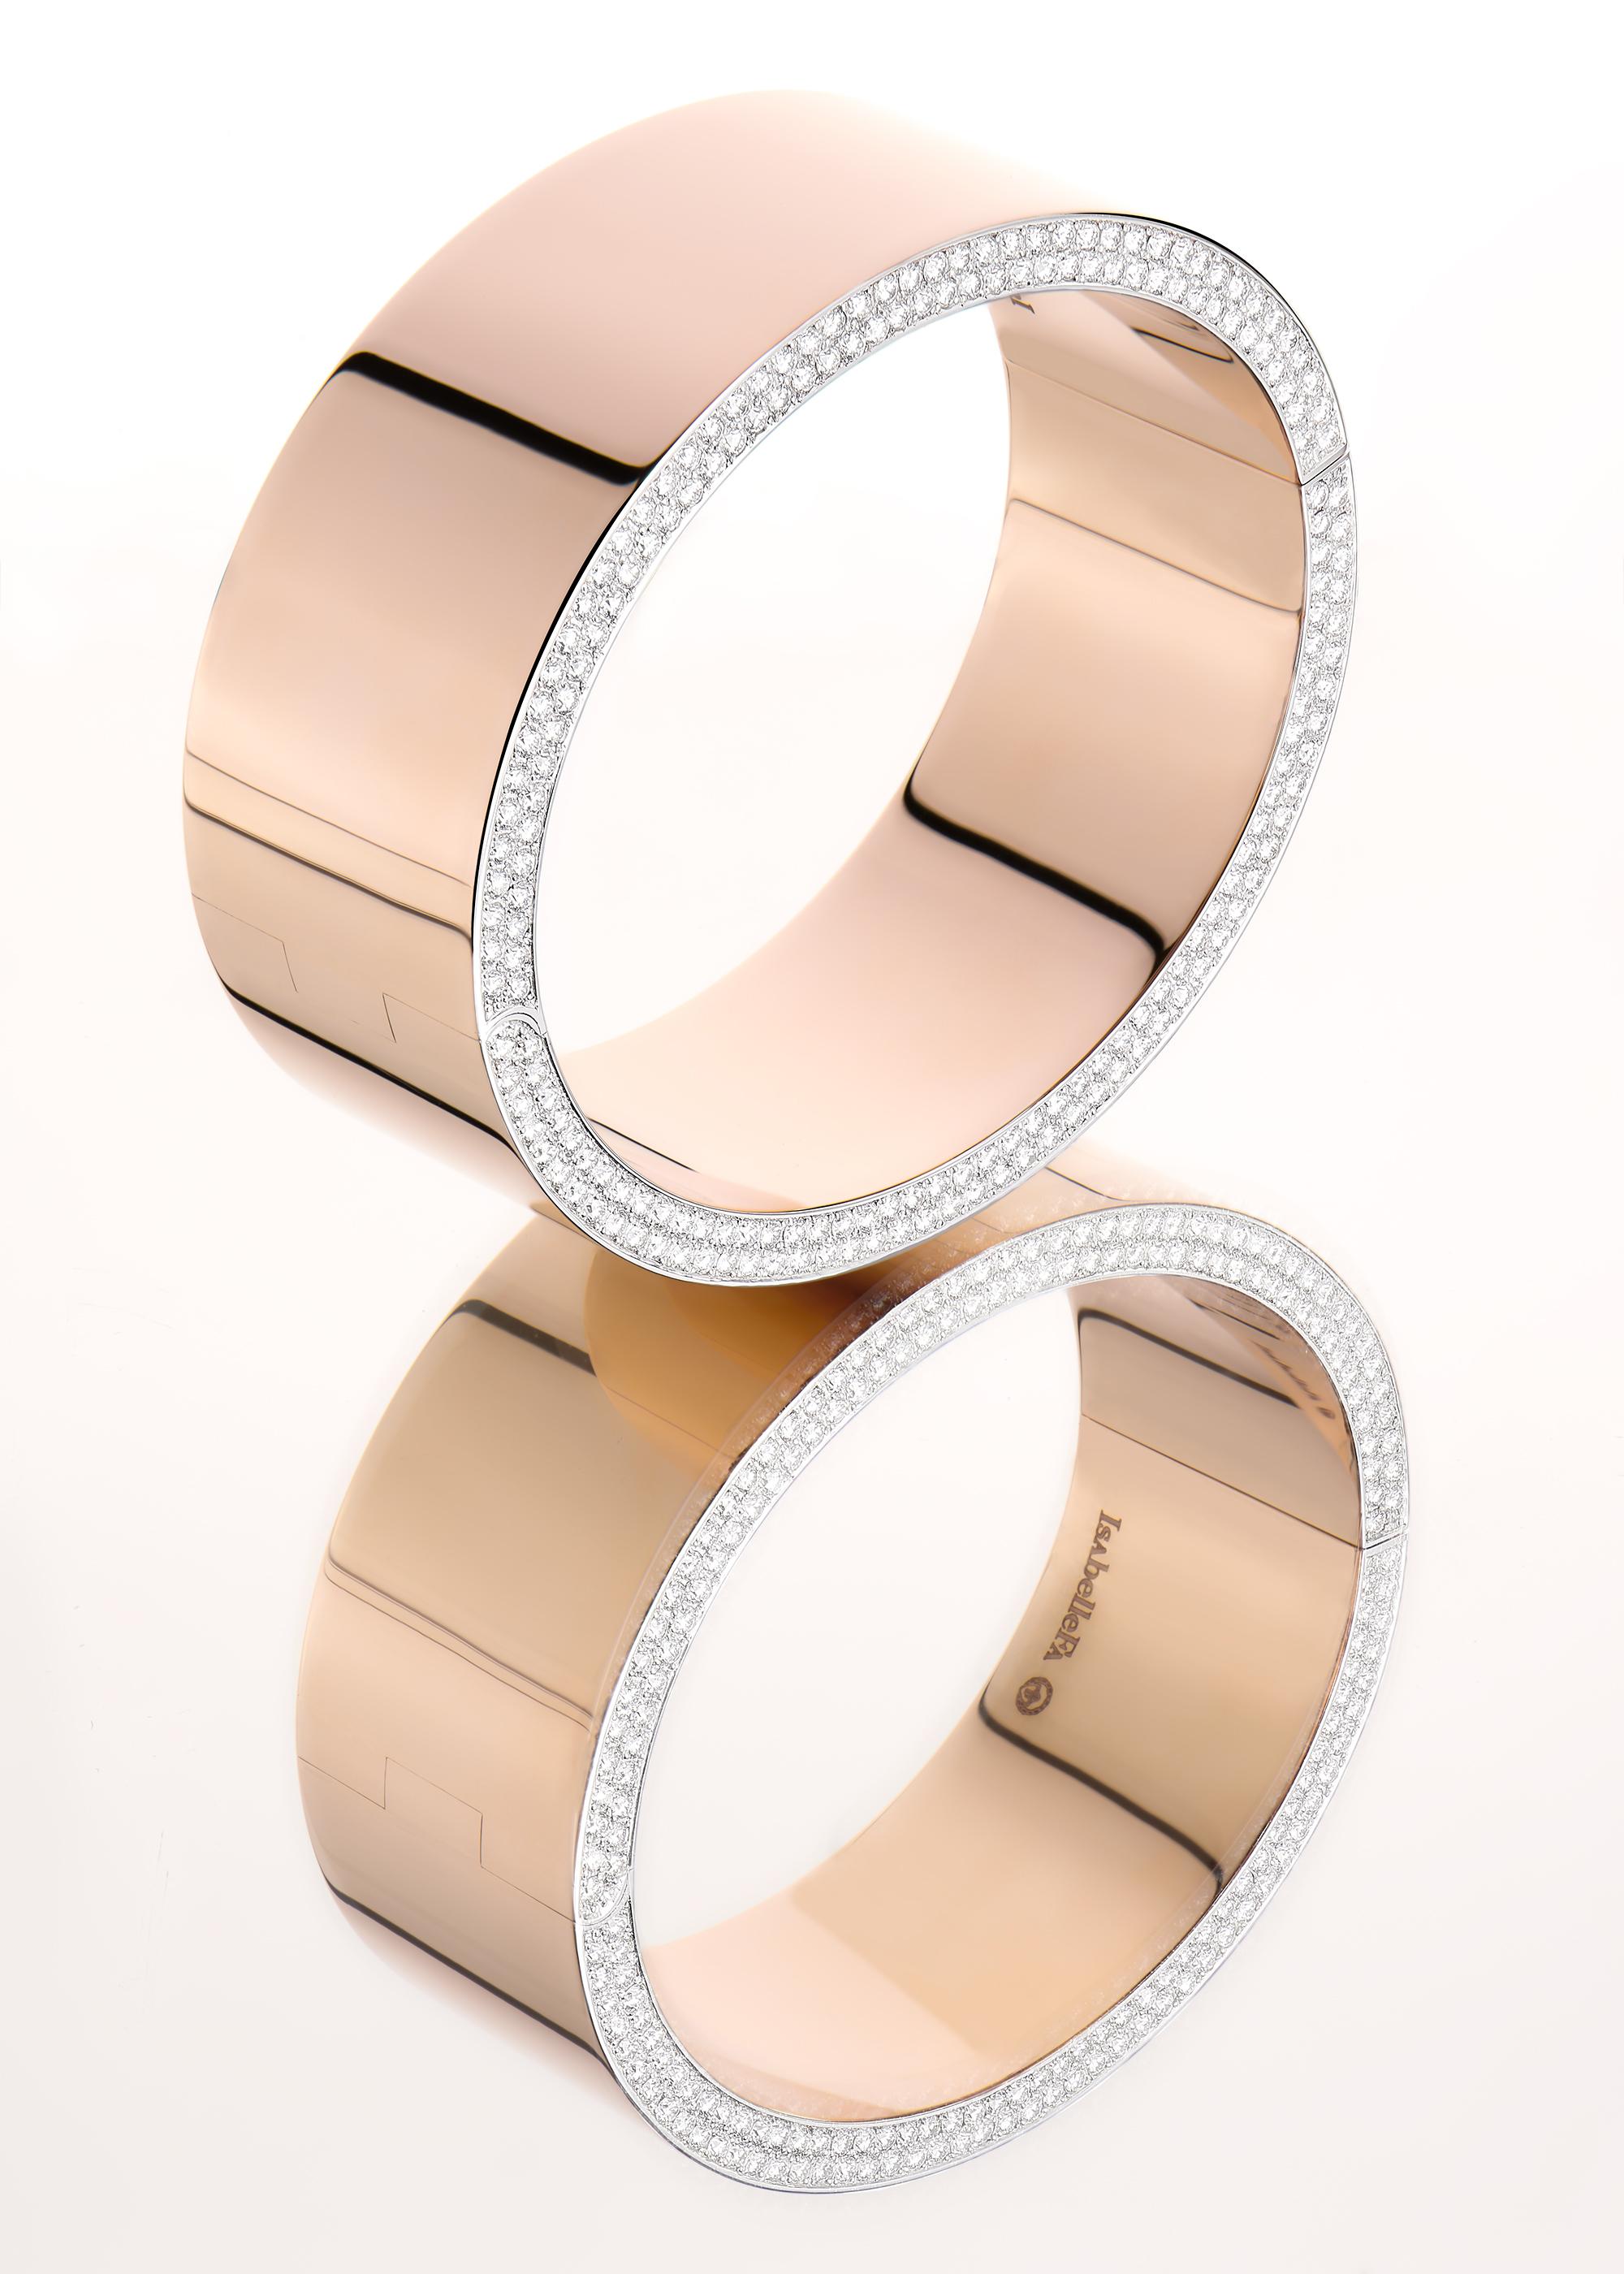 photo d'un bracelet de la marque de bijou isabelfa par philippe hahn photographe de haute joaillerie